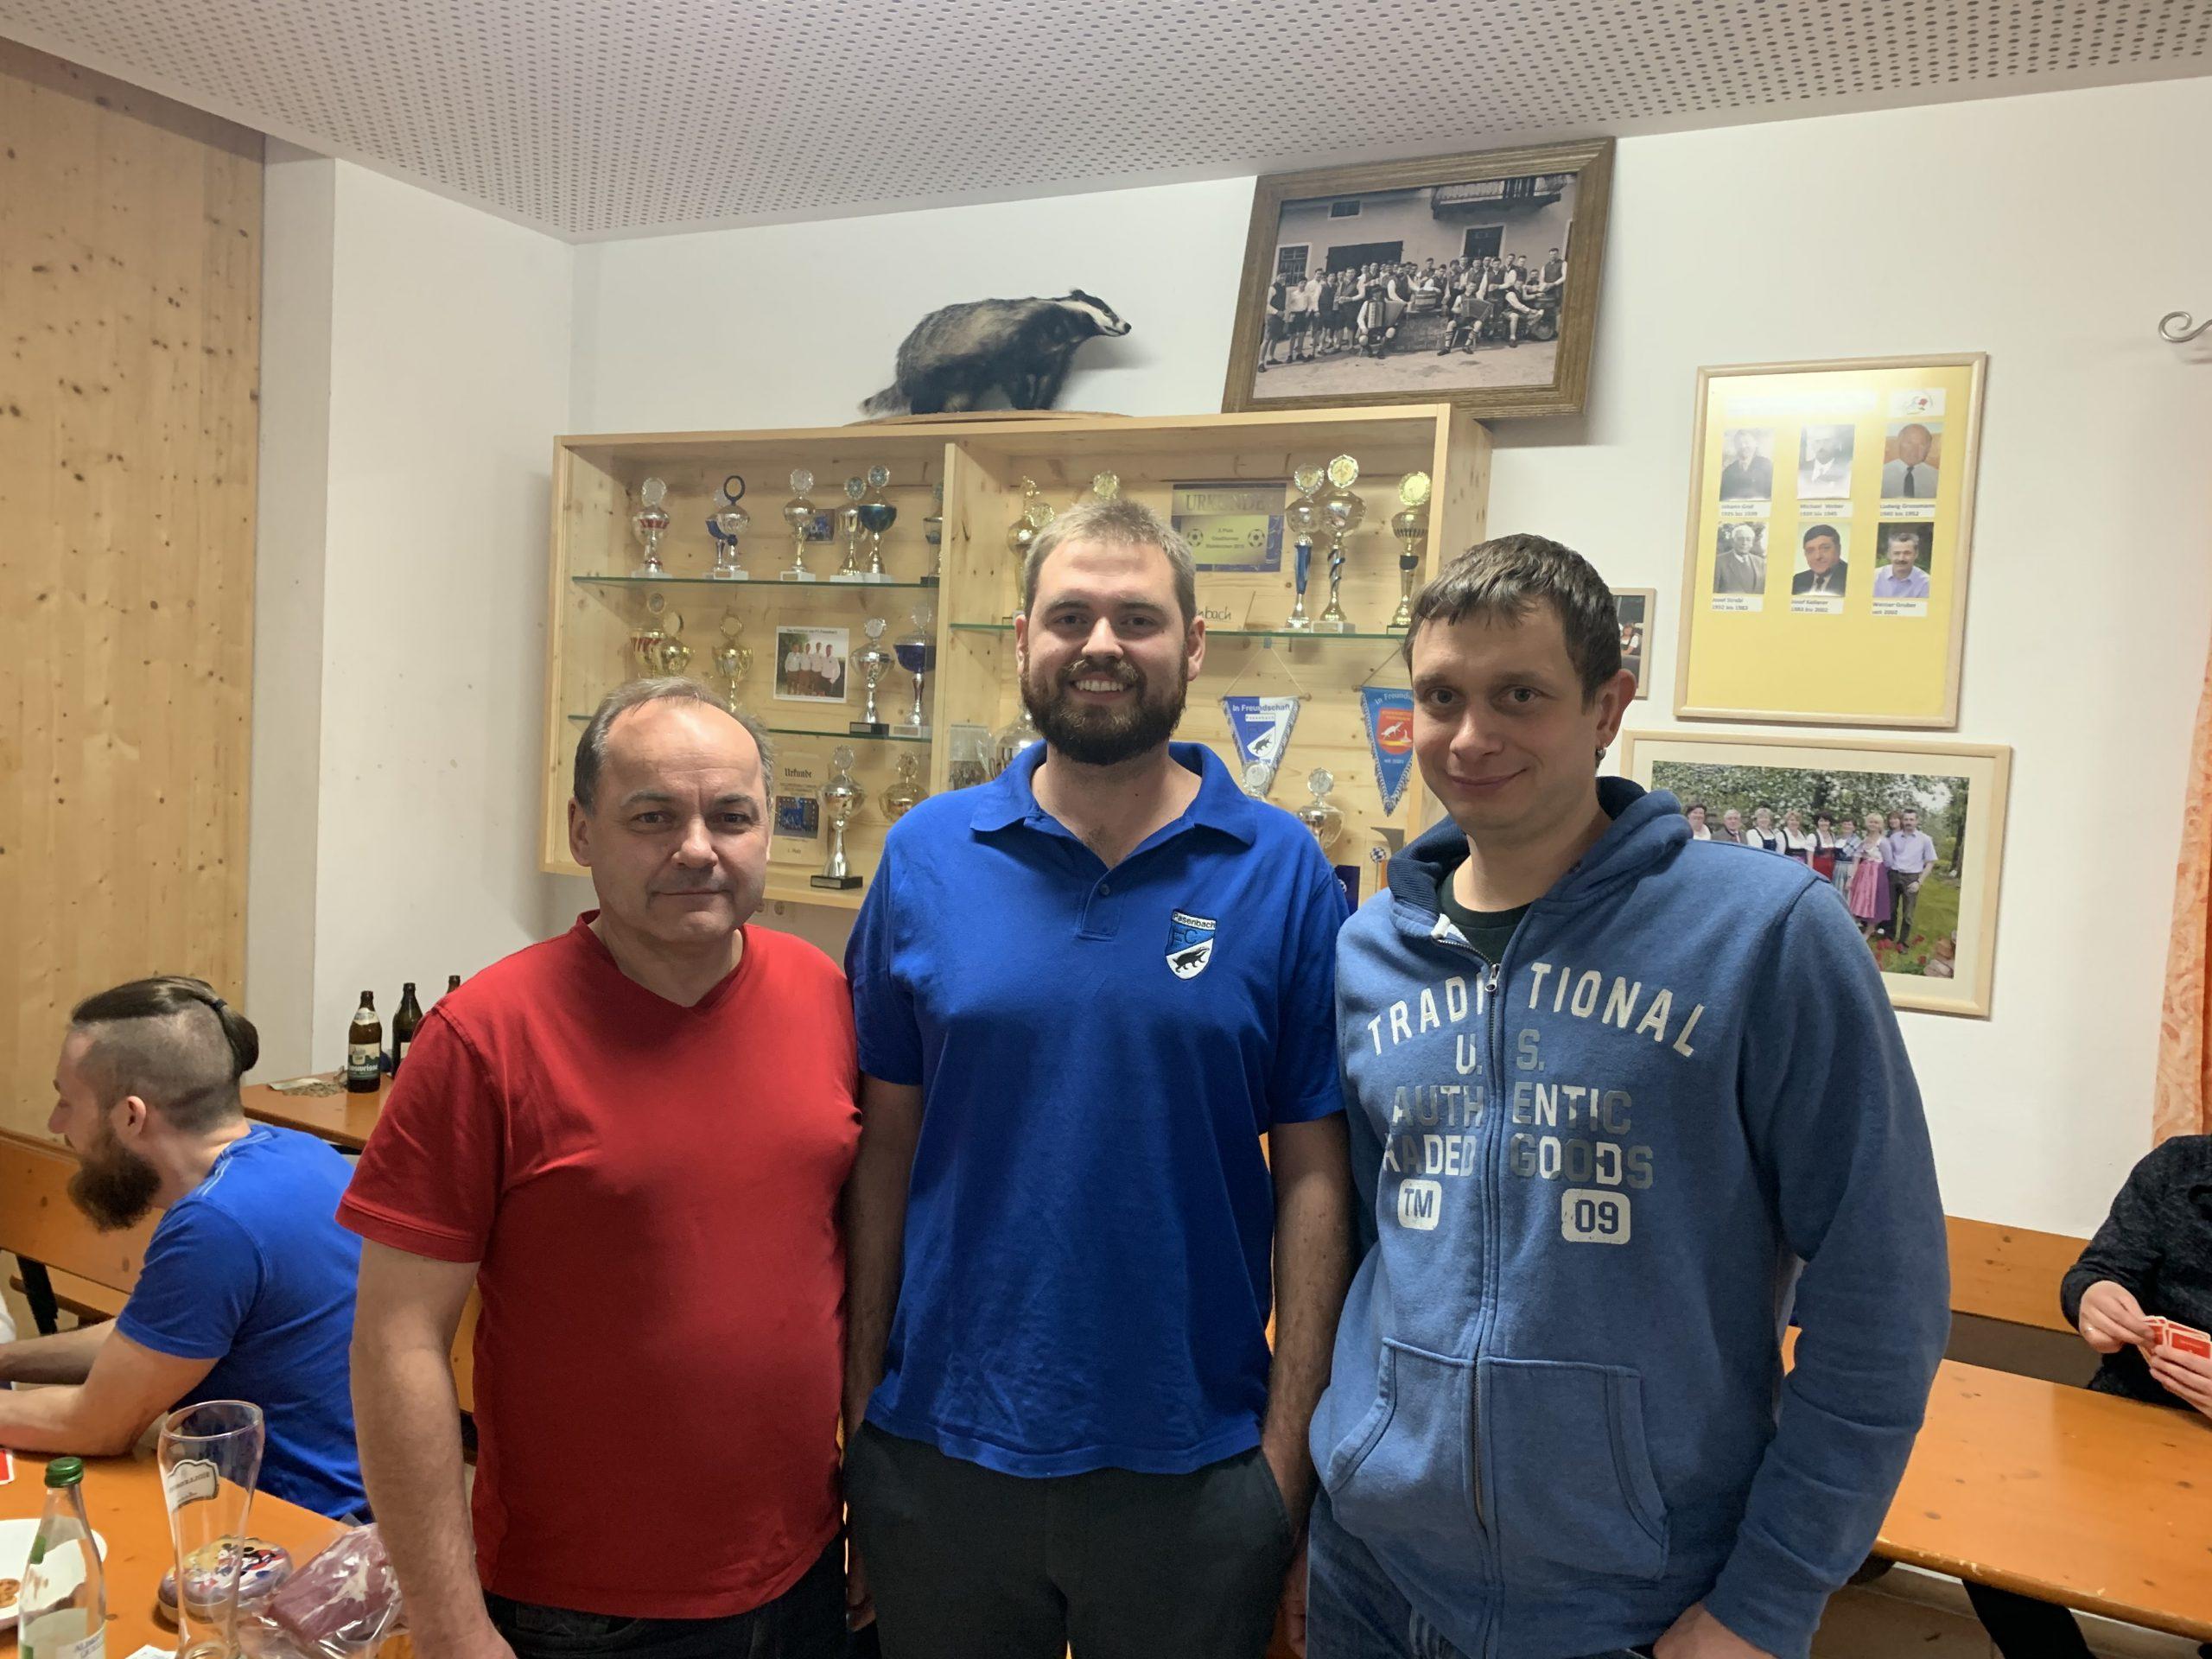 Schafkopfturnier des FC Pasenbachs